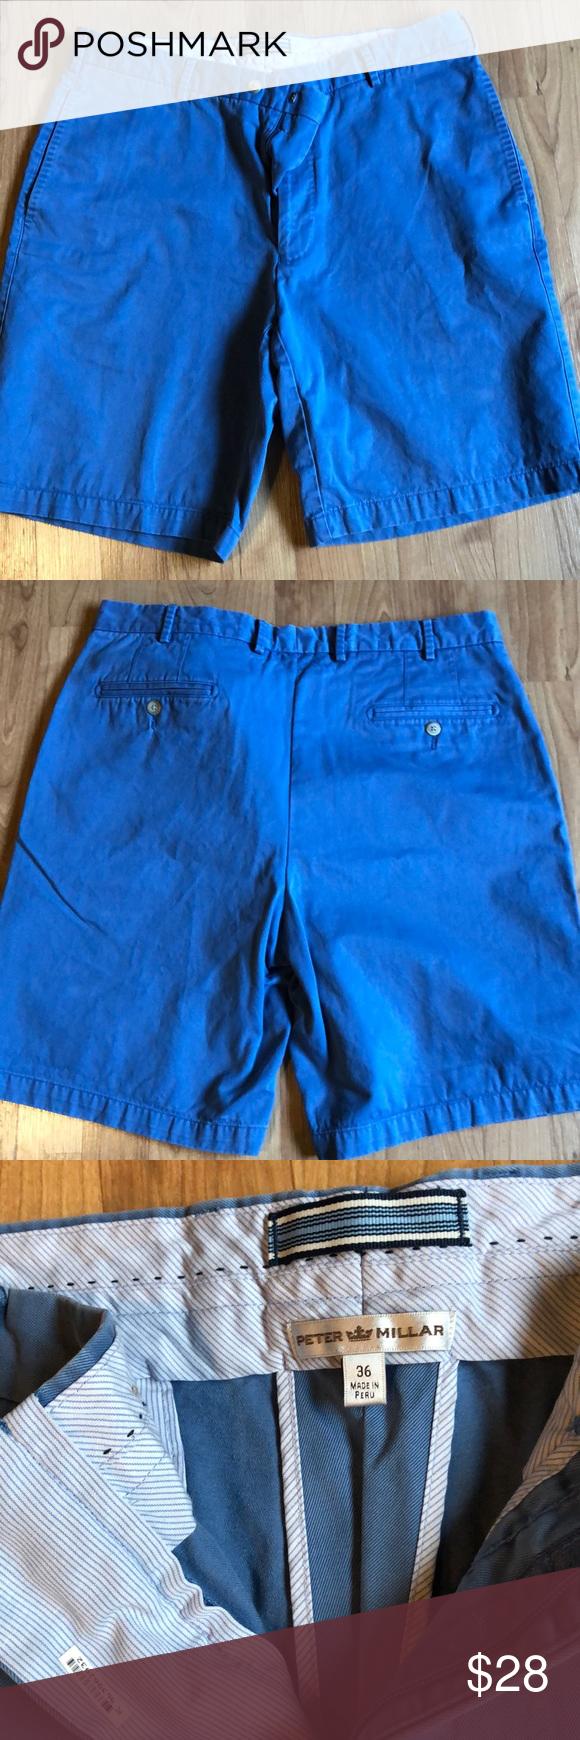 """Peter Millar Cotton Shorts 9"""", light blue Peter Millar Shorts Flat Front #lightblueshorts Peter Millar Cotton Shorts 9"""", light blue Peter Millar Shorts Flat Front #lightblueshorts"""